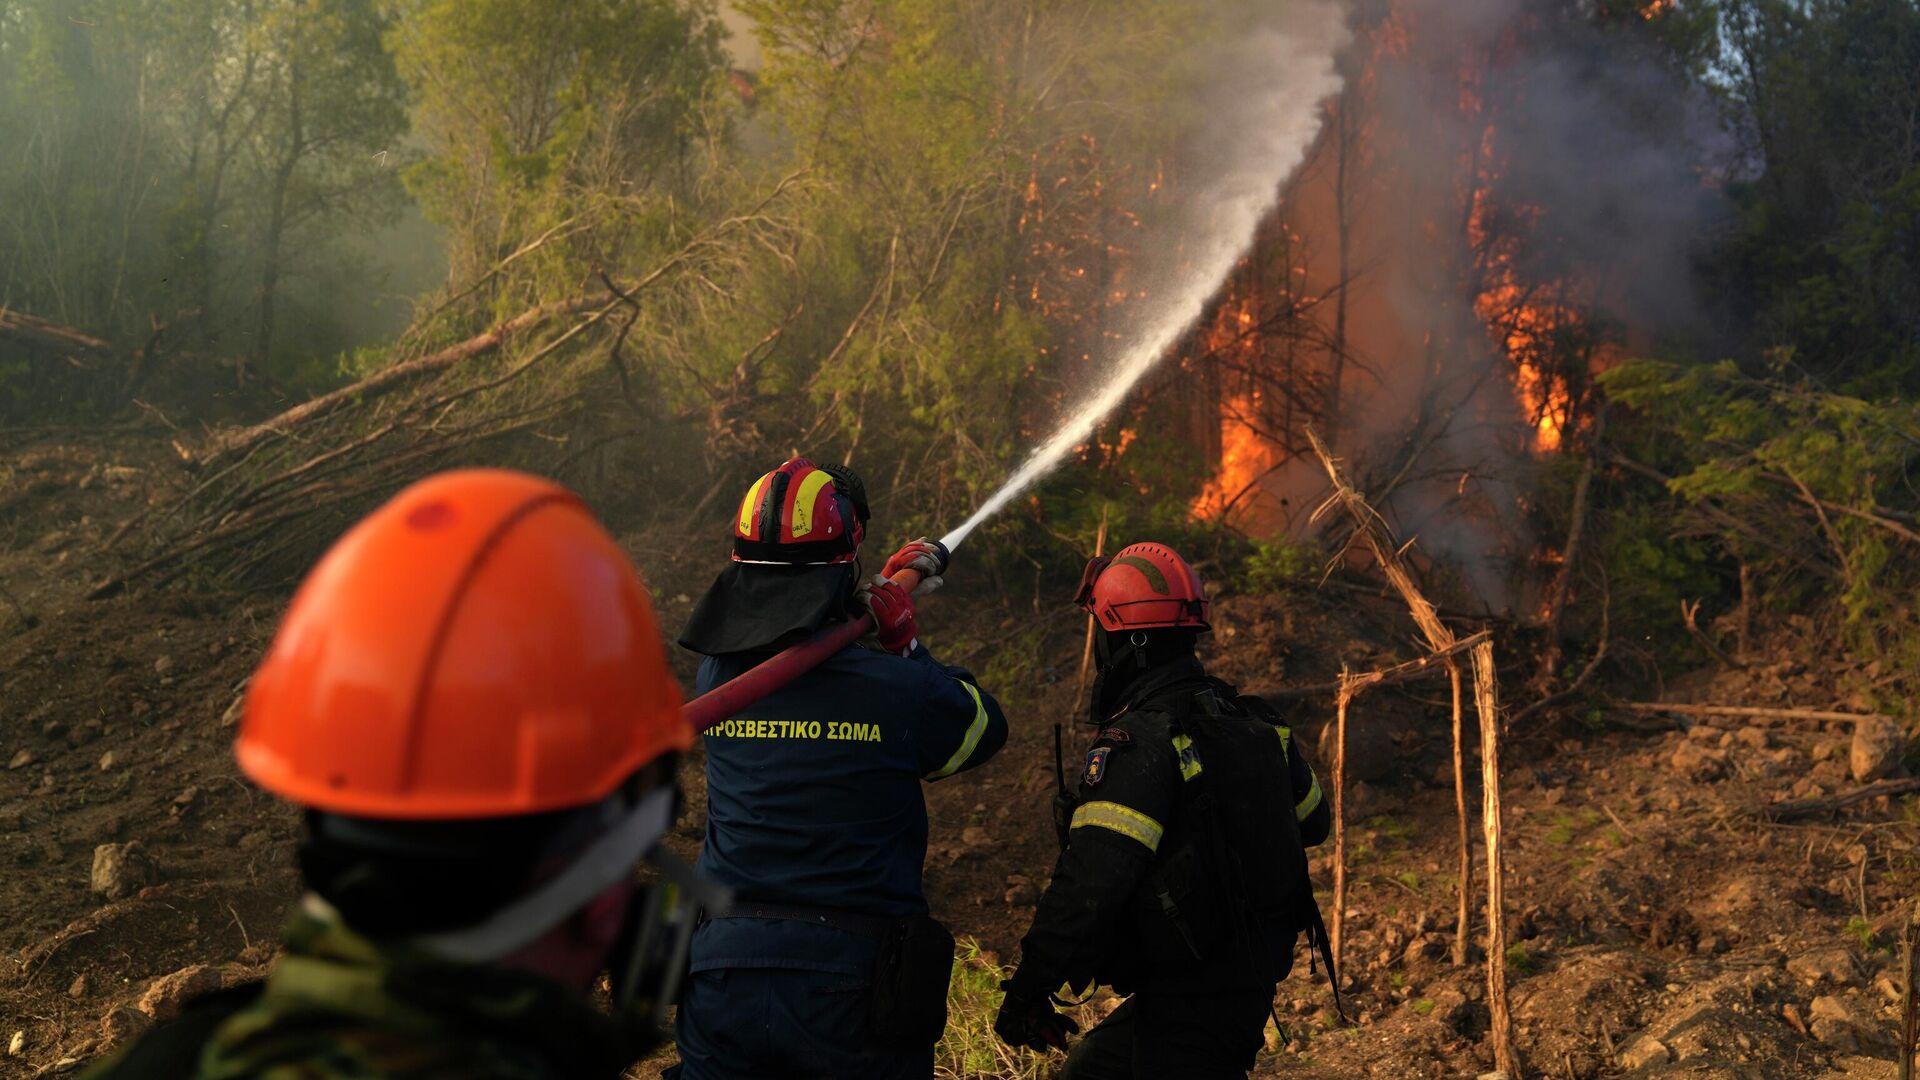 Πυροσβέστες στη φωτιά στην Κερατέα - Sputnik Ελλάδα, 1920, 01.10.2021